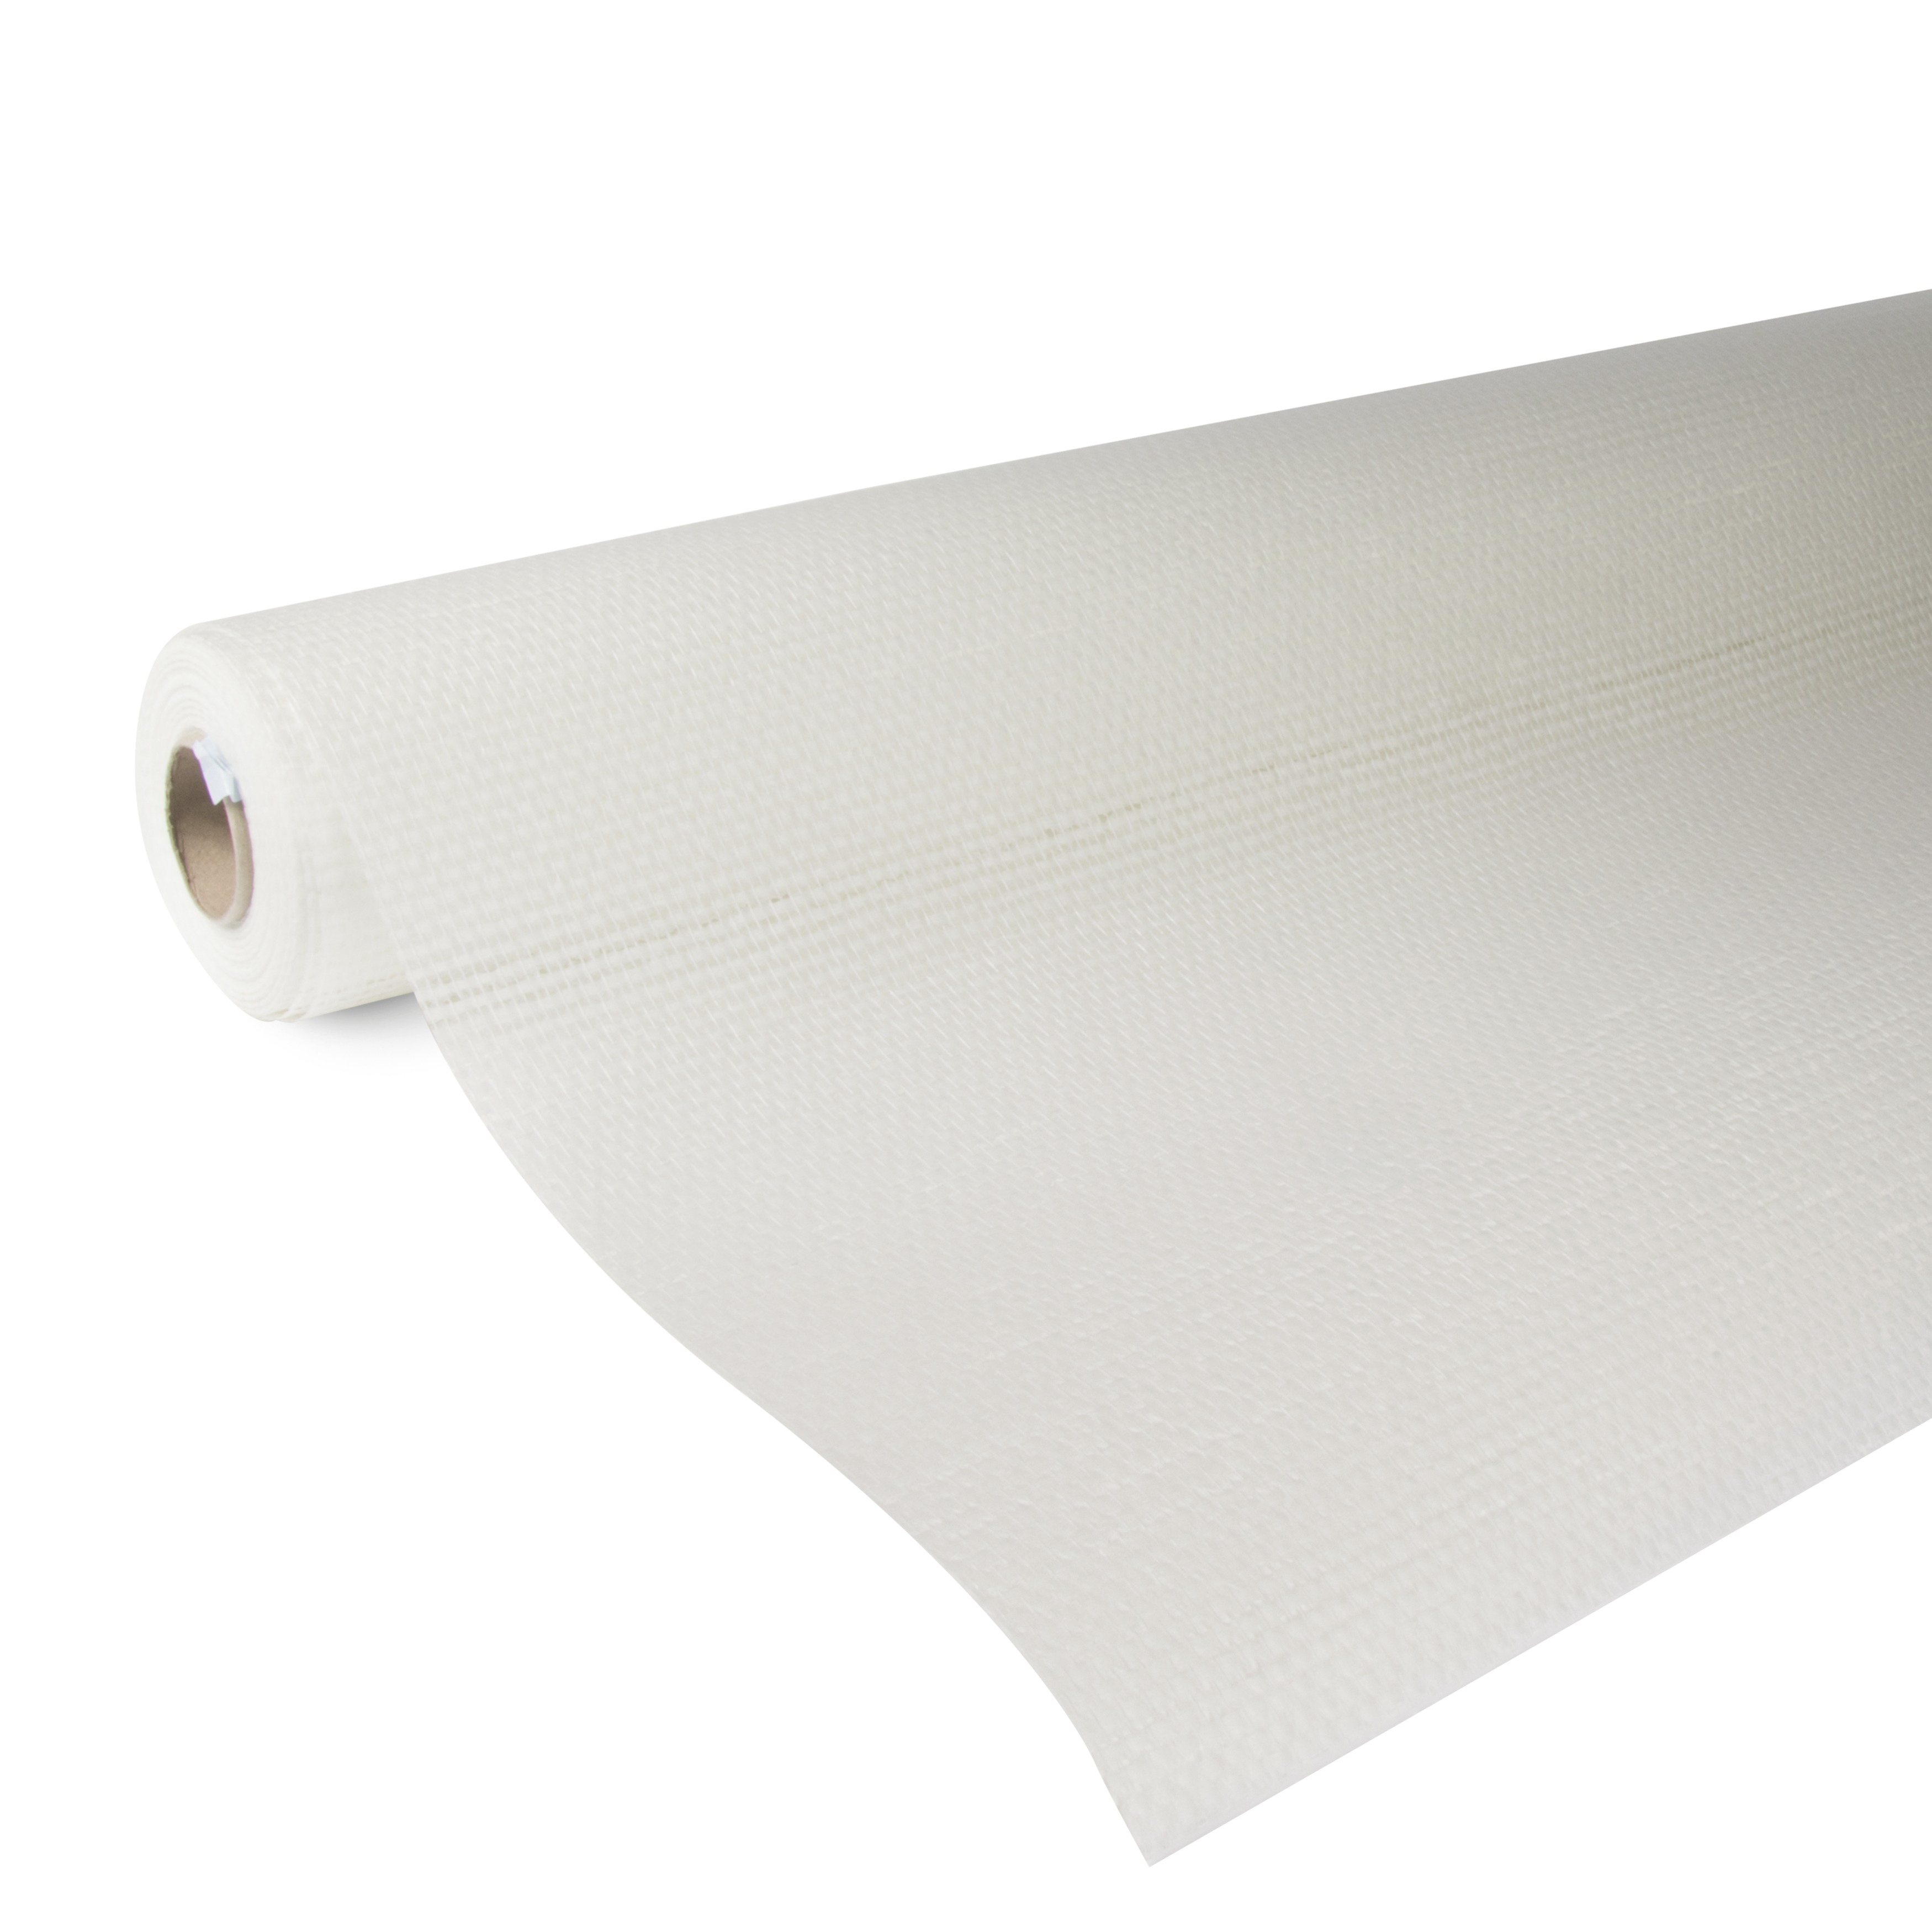 Glasweefselbehang ruit midden wit 50 meter promo (dessin P251-50)